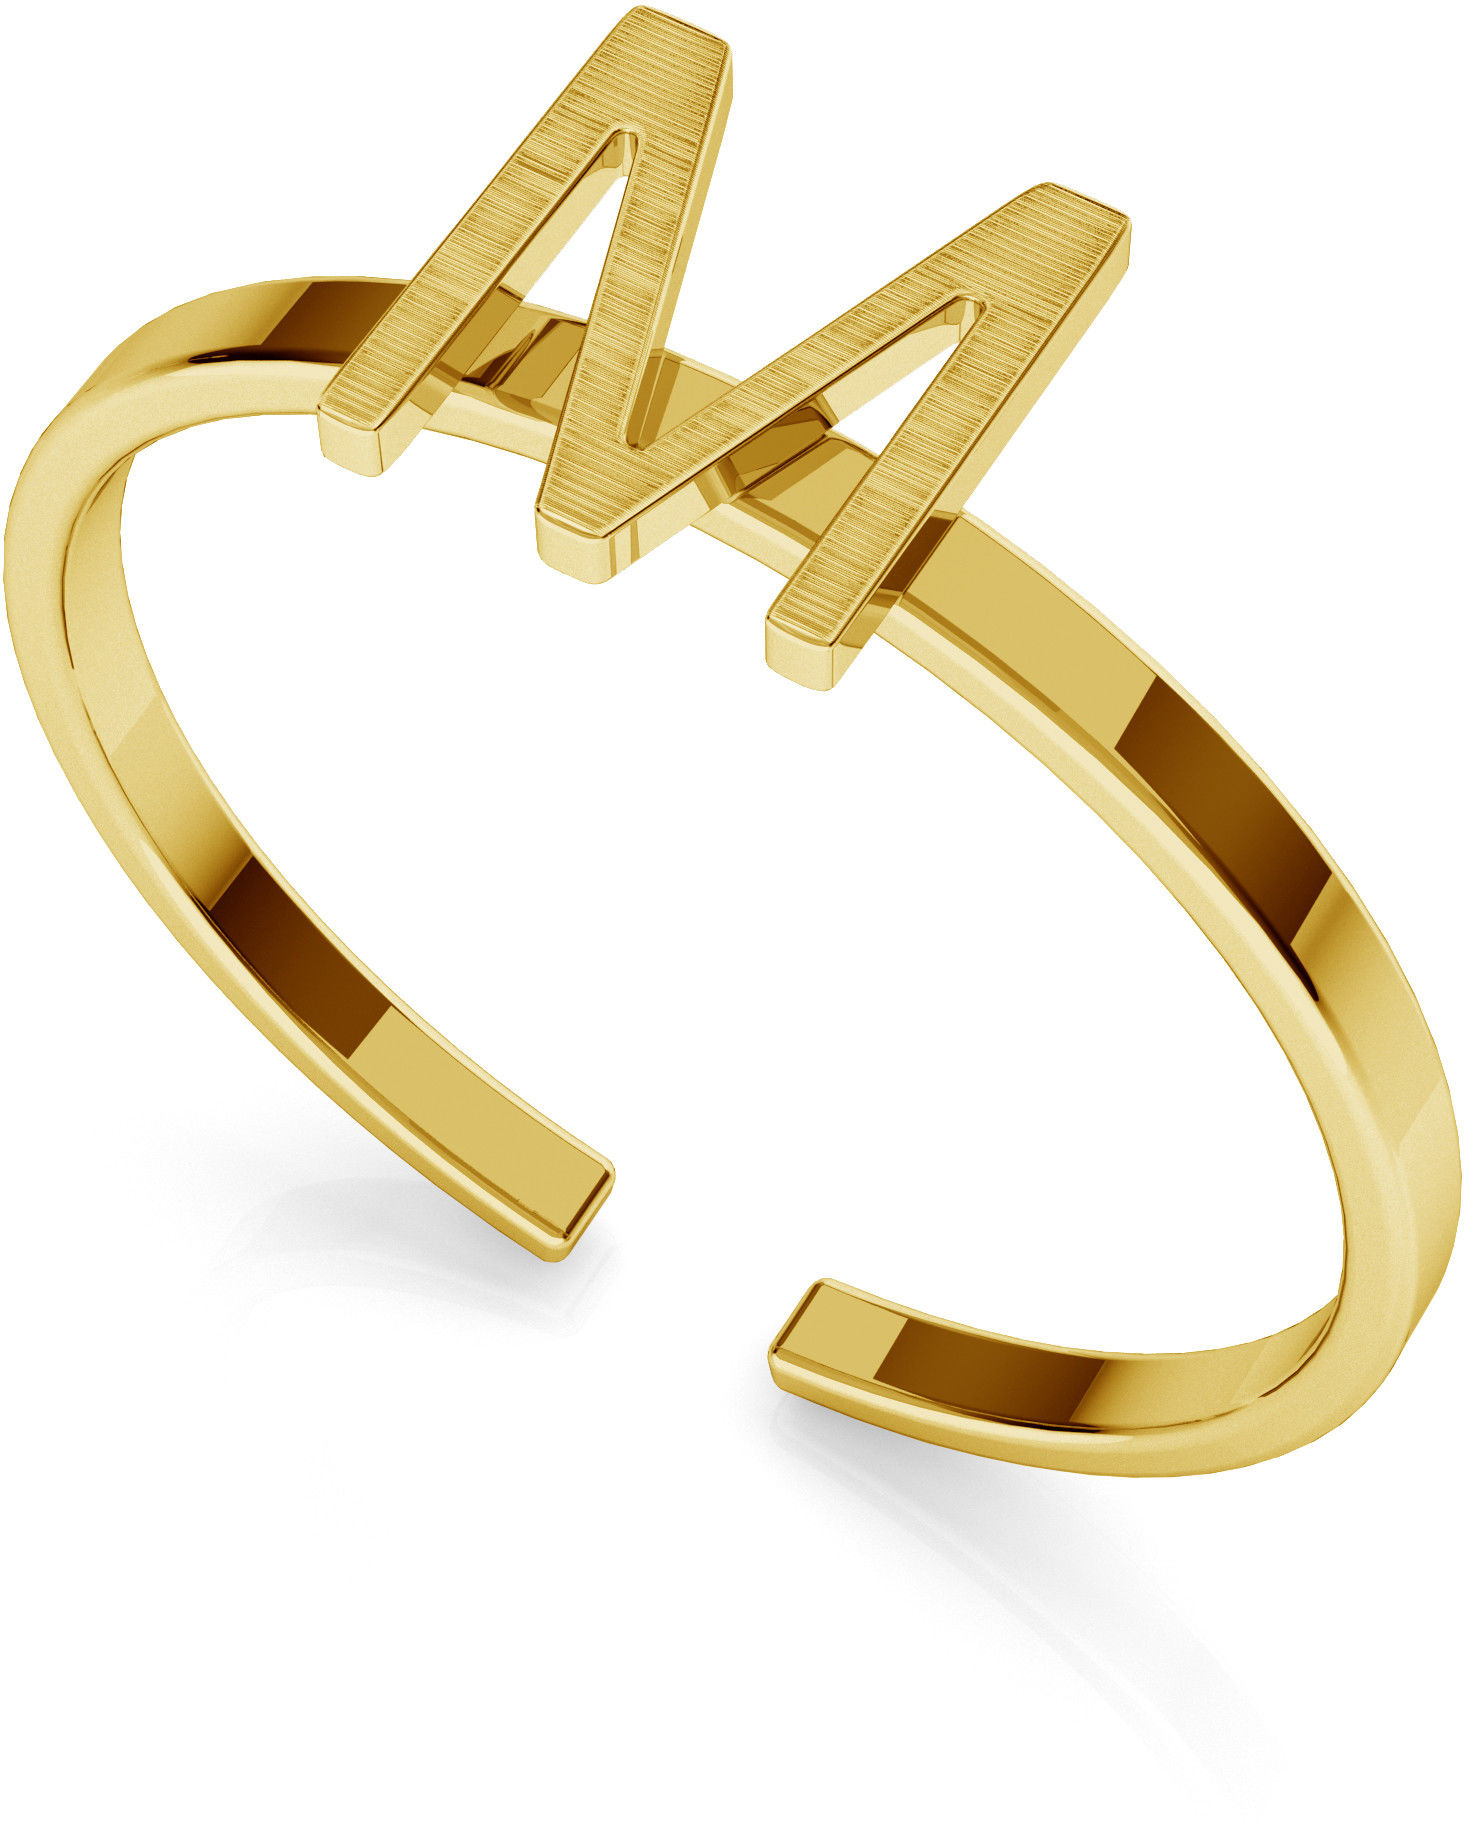 Srebrny pierścionek z literką My RING, srebro 925 : Litera - N, Srebro - kolor pokrycia - Pokrycie żółtym 18K złotem